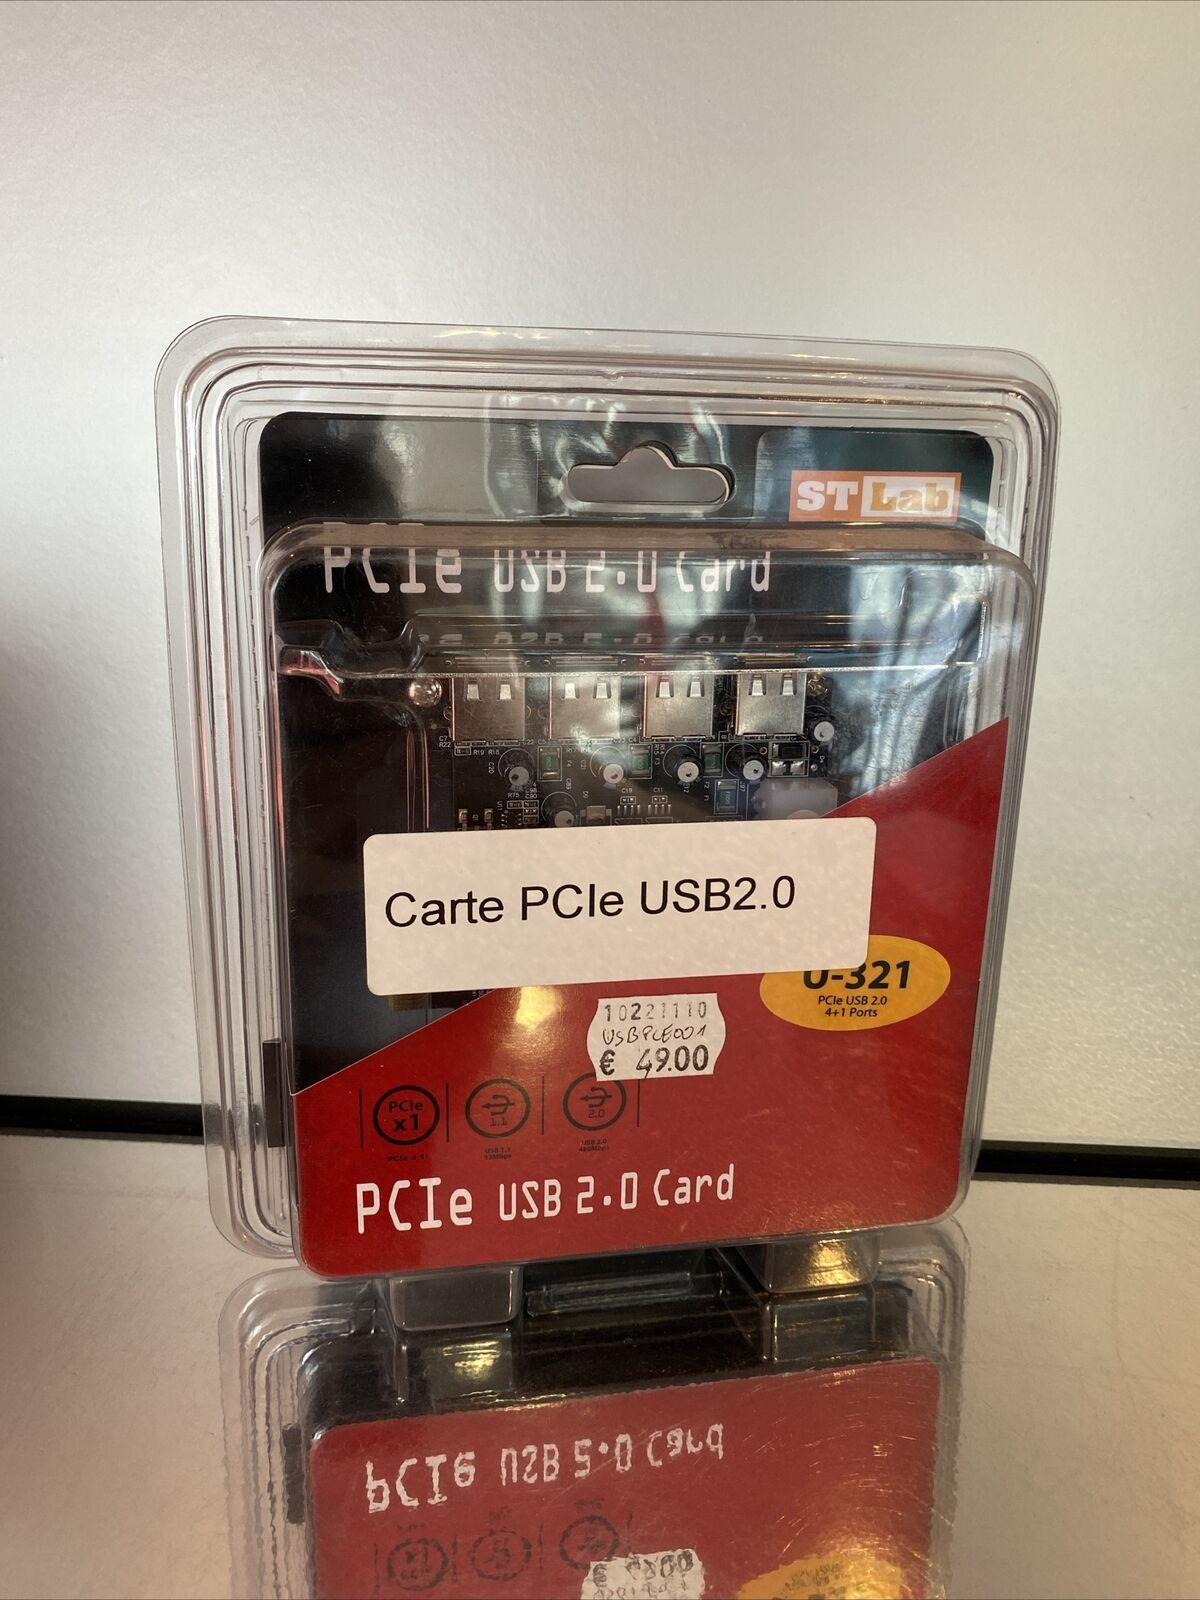 Pcie usb2 card